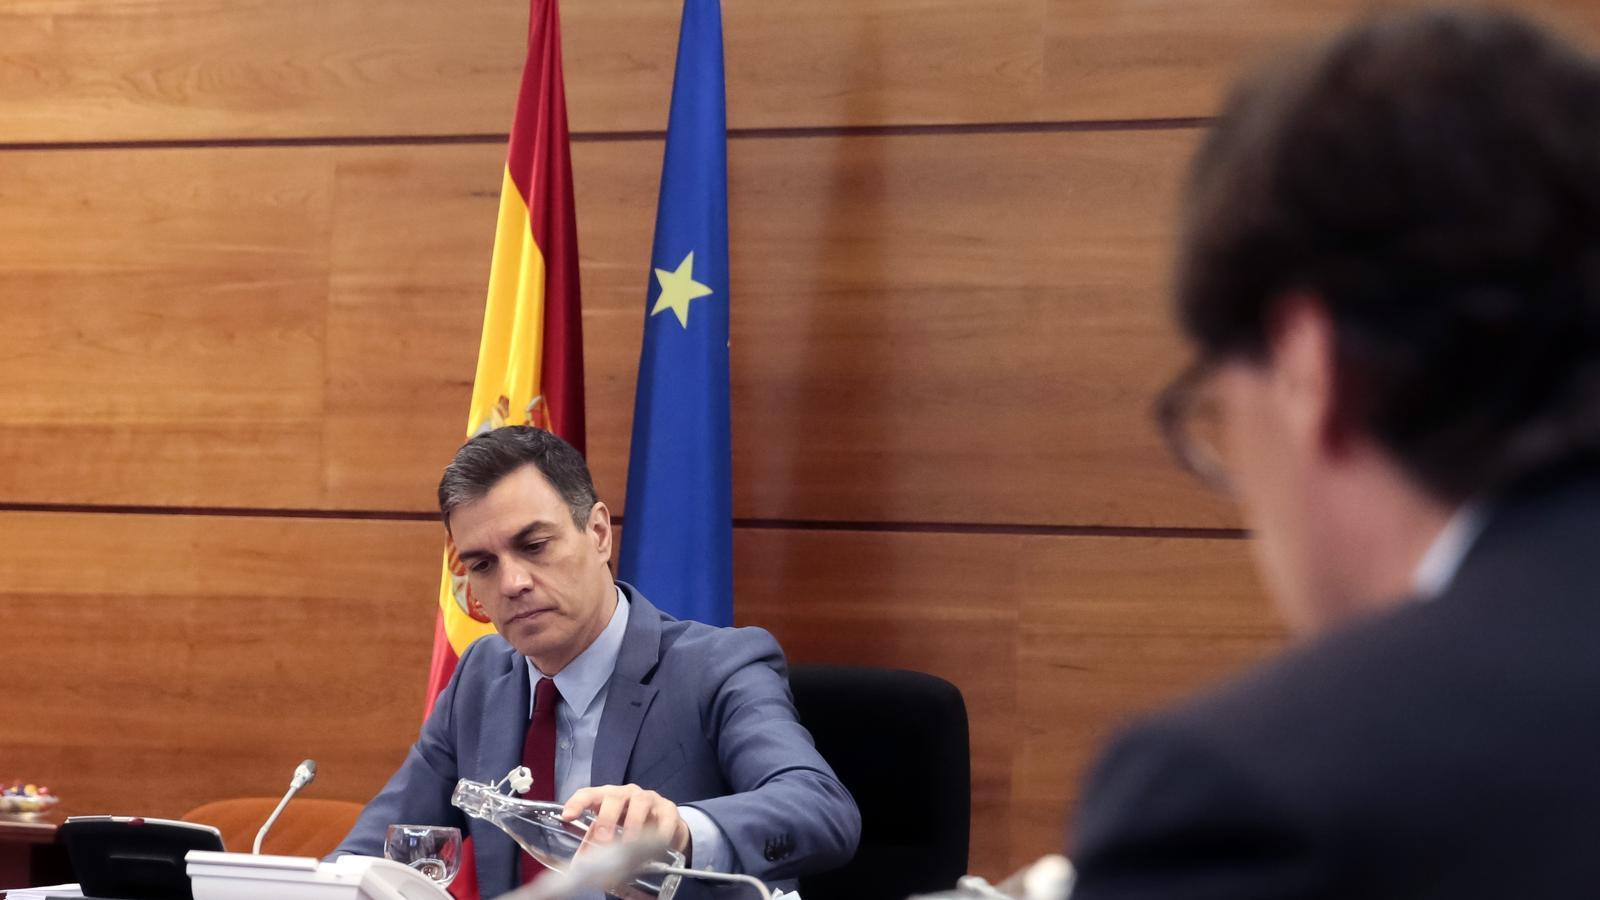 Sánchez cedeix a Cs i prorrogarà l'estat d'alarma 15 dies en lloc d'un mes